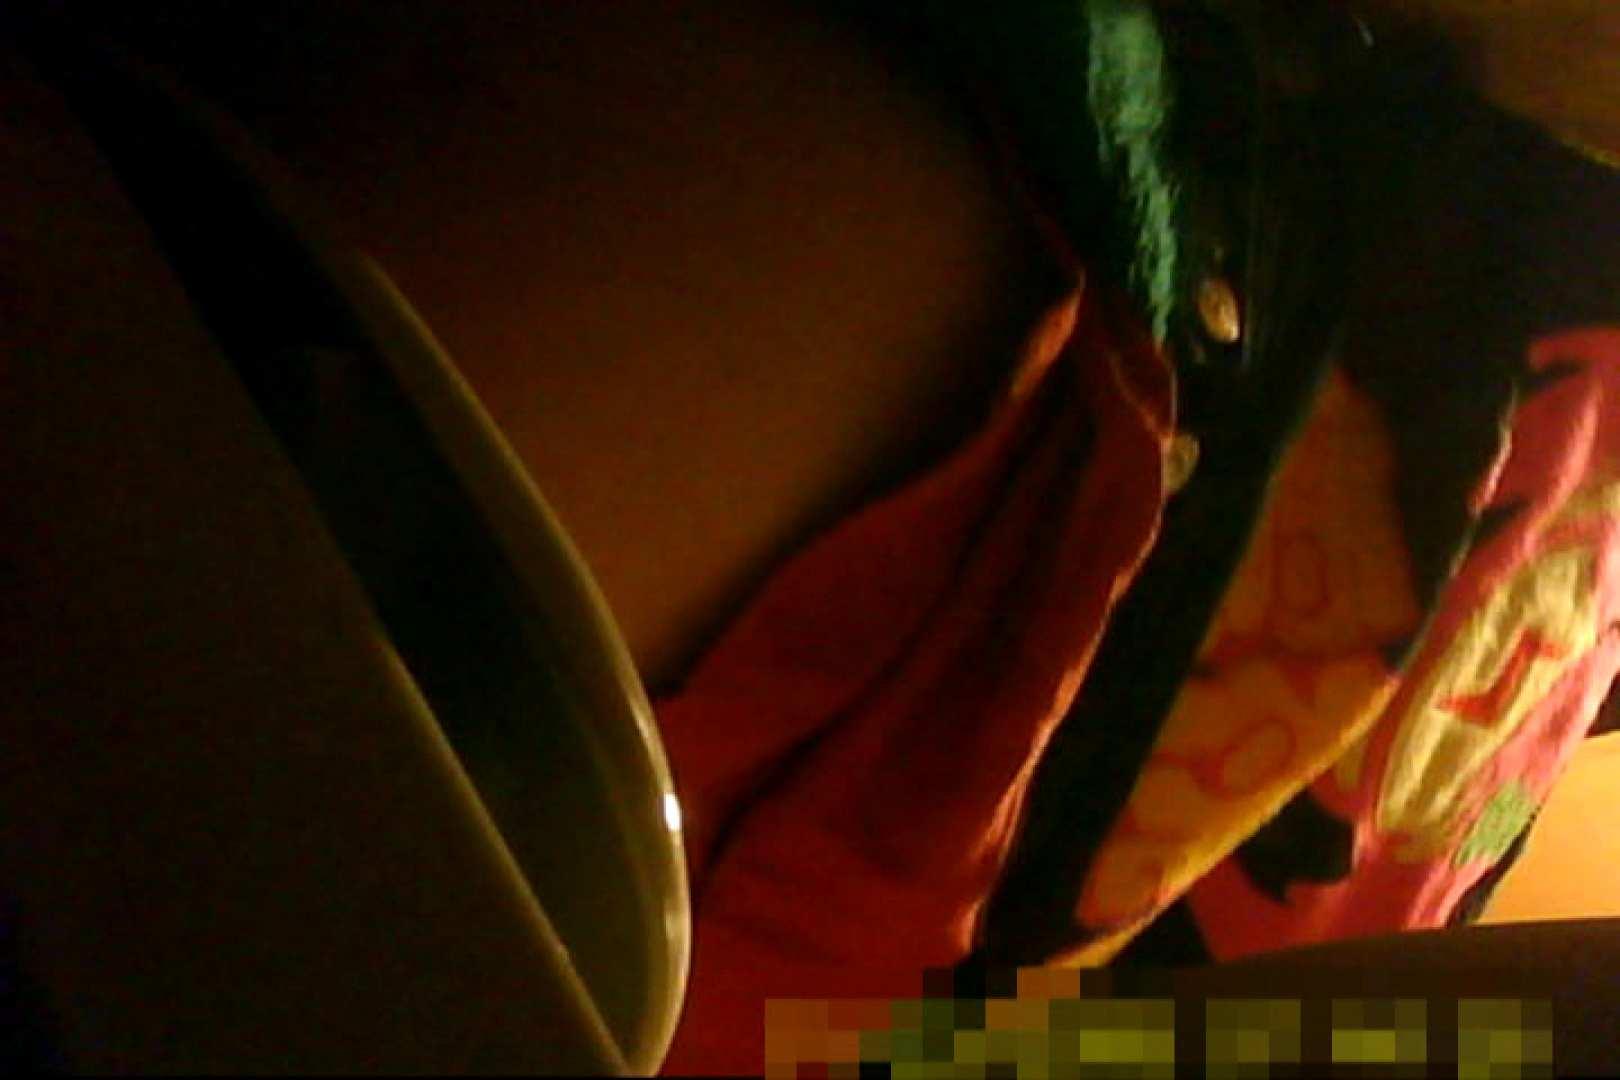 魅惑の化粧室~禁断のプライベート空間~13 プライベート ヌード画像 42枚